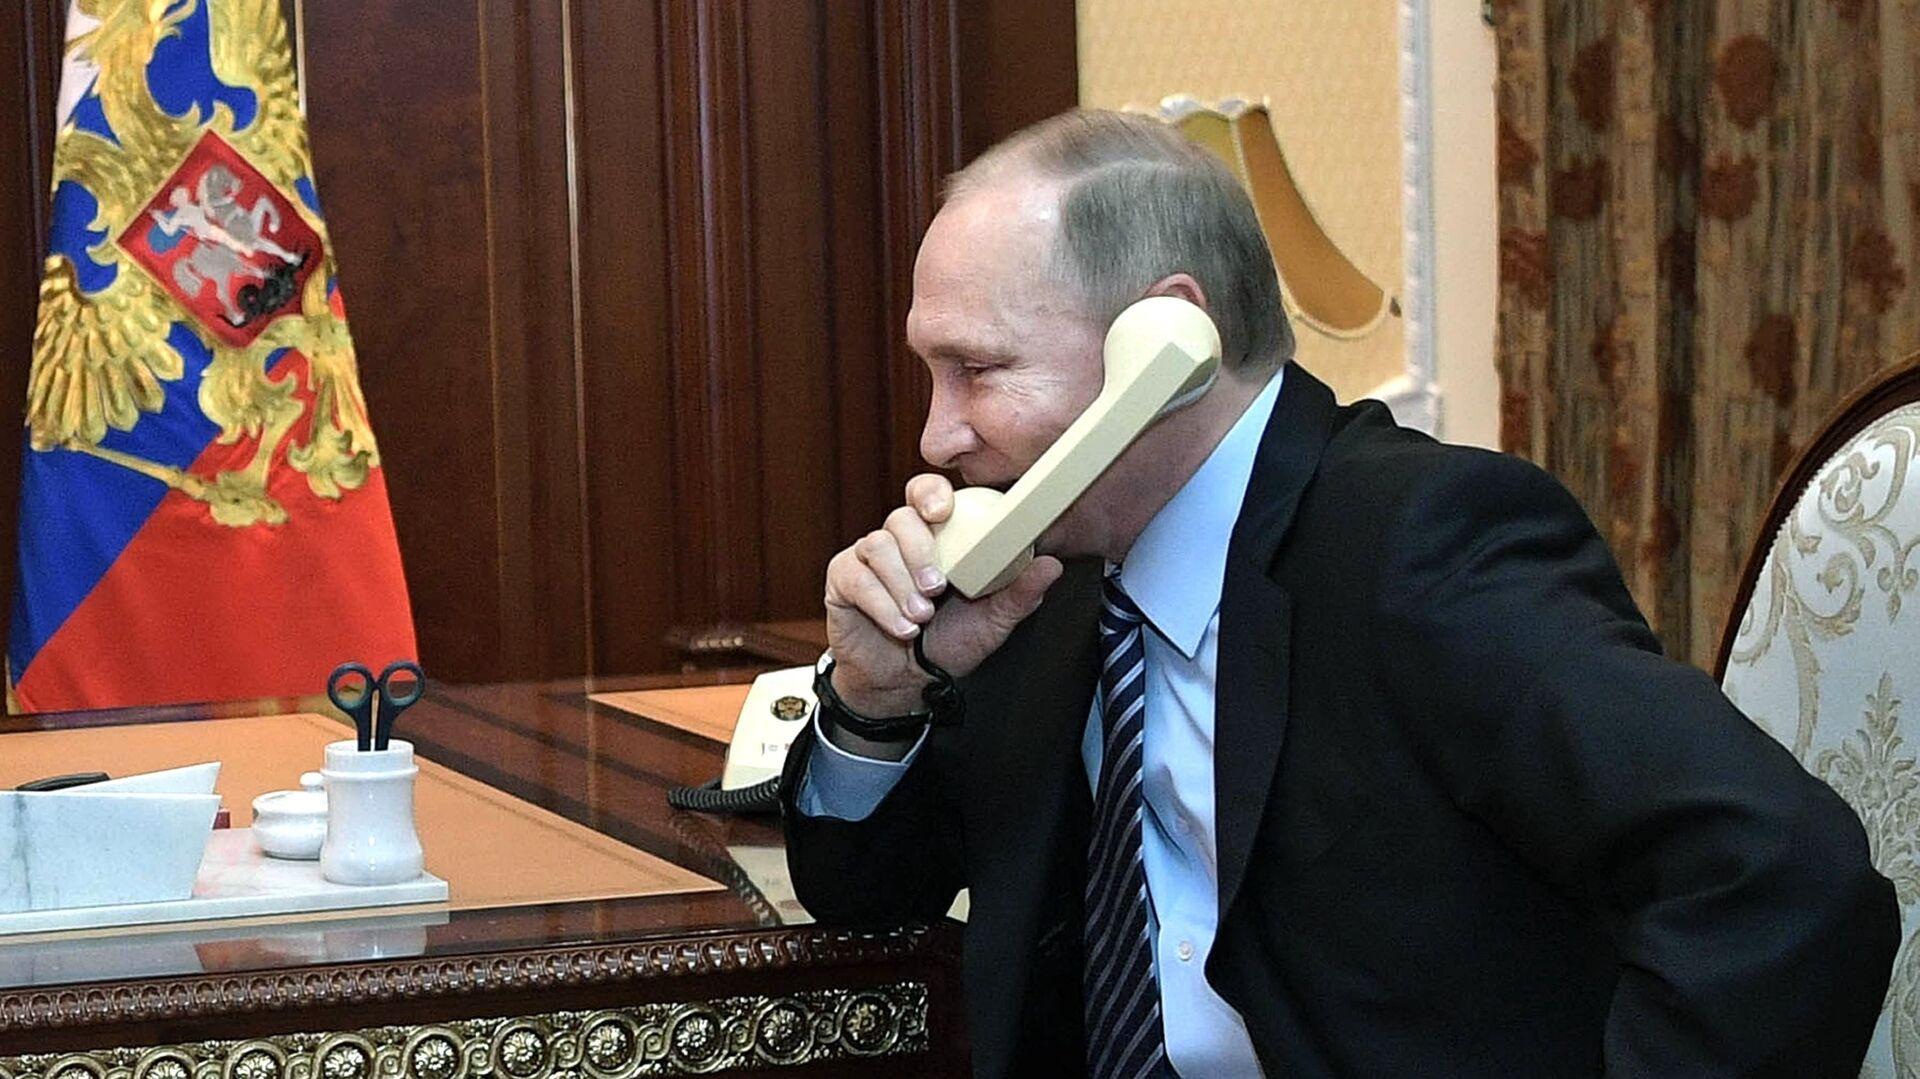 Vladímir Putin, presidente de Rusia, habla por teléfono (archivo) - Sputnik Mundo, 1920, 30.03.2021